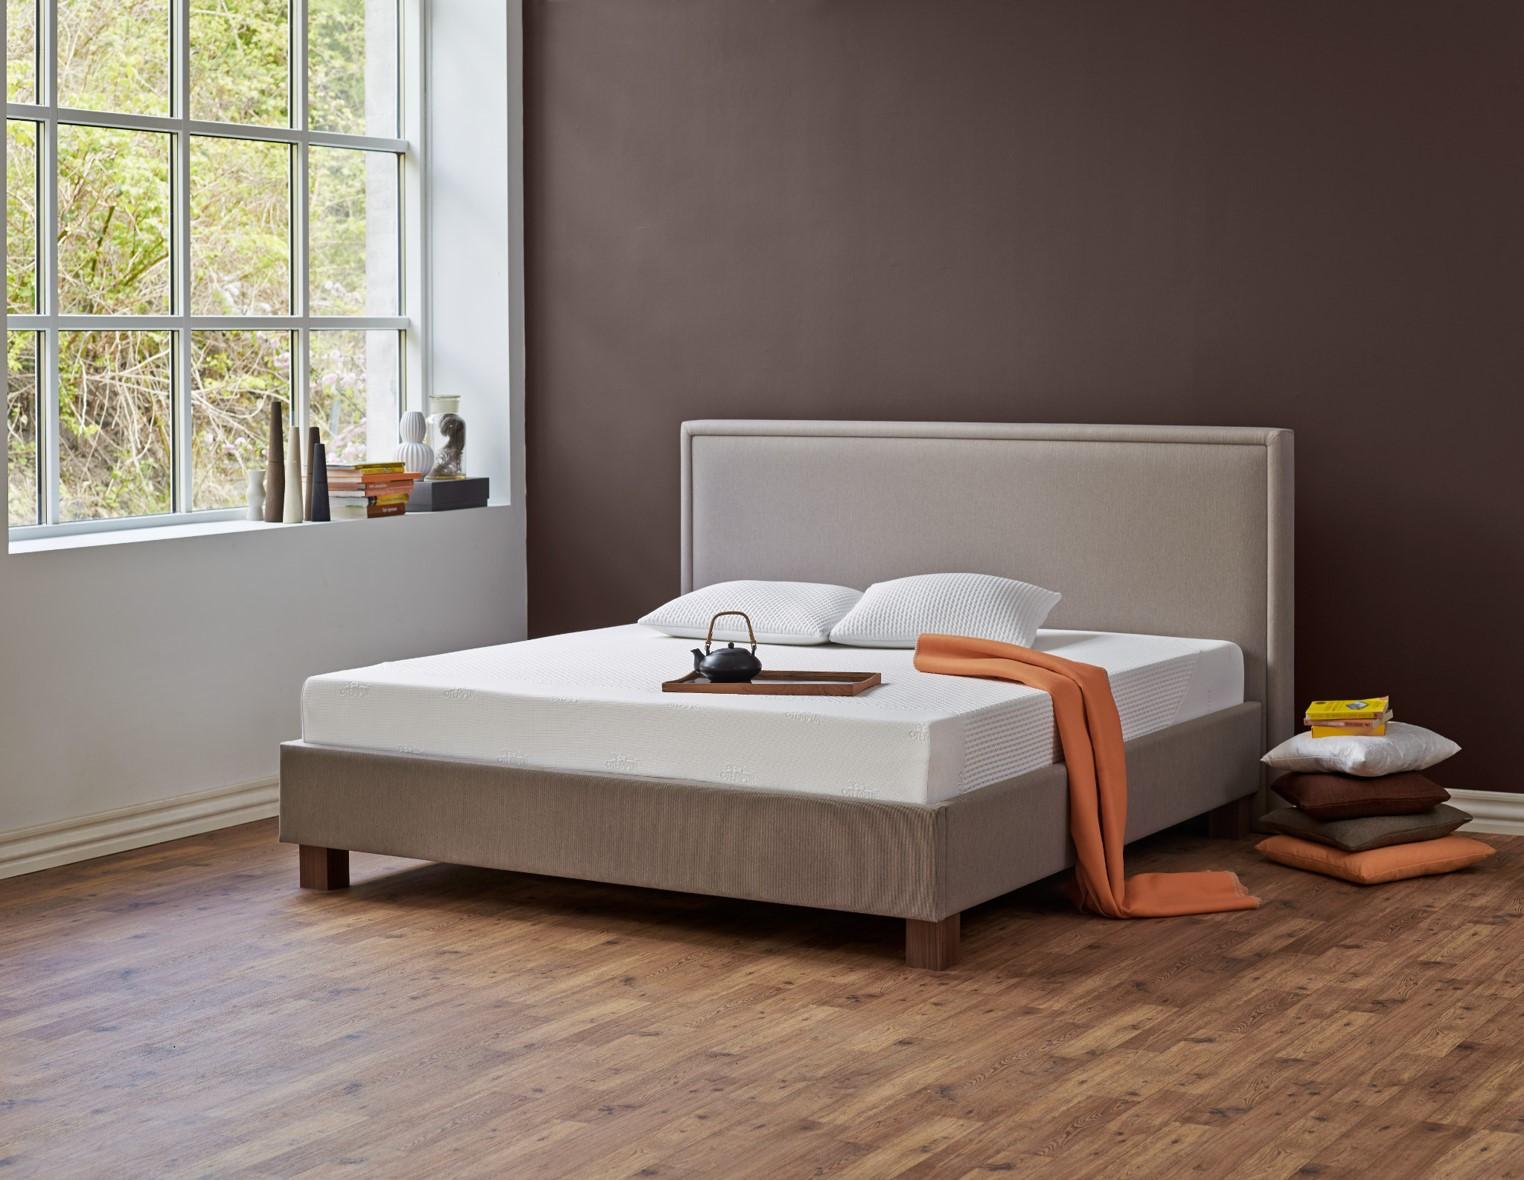 Sensation matras bed foto